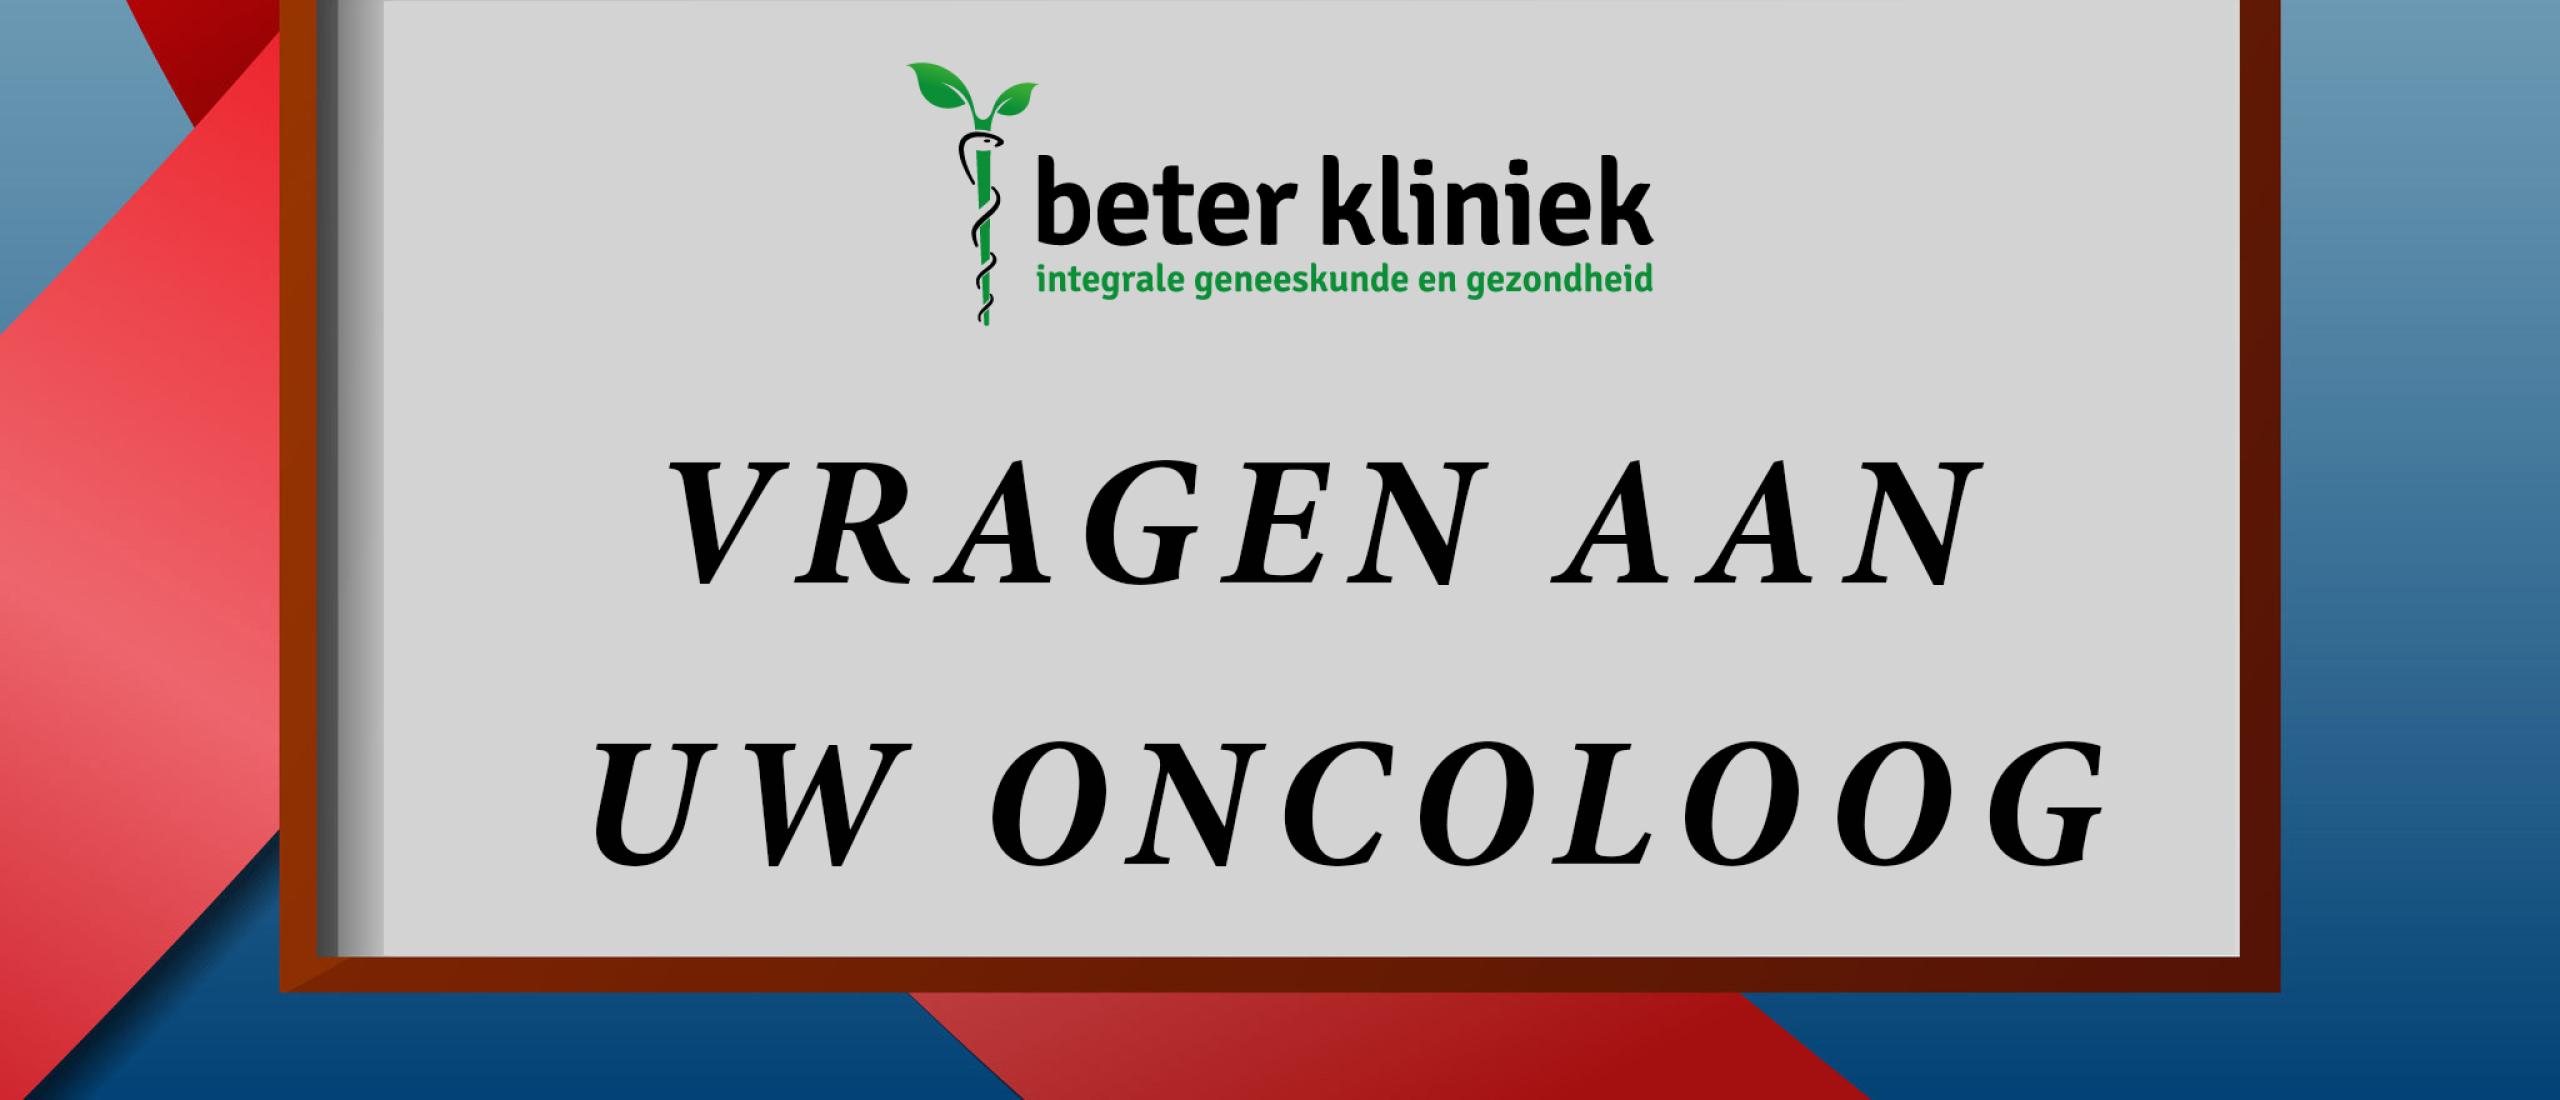 Vragen aan uw oncoloog